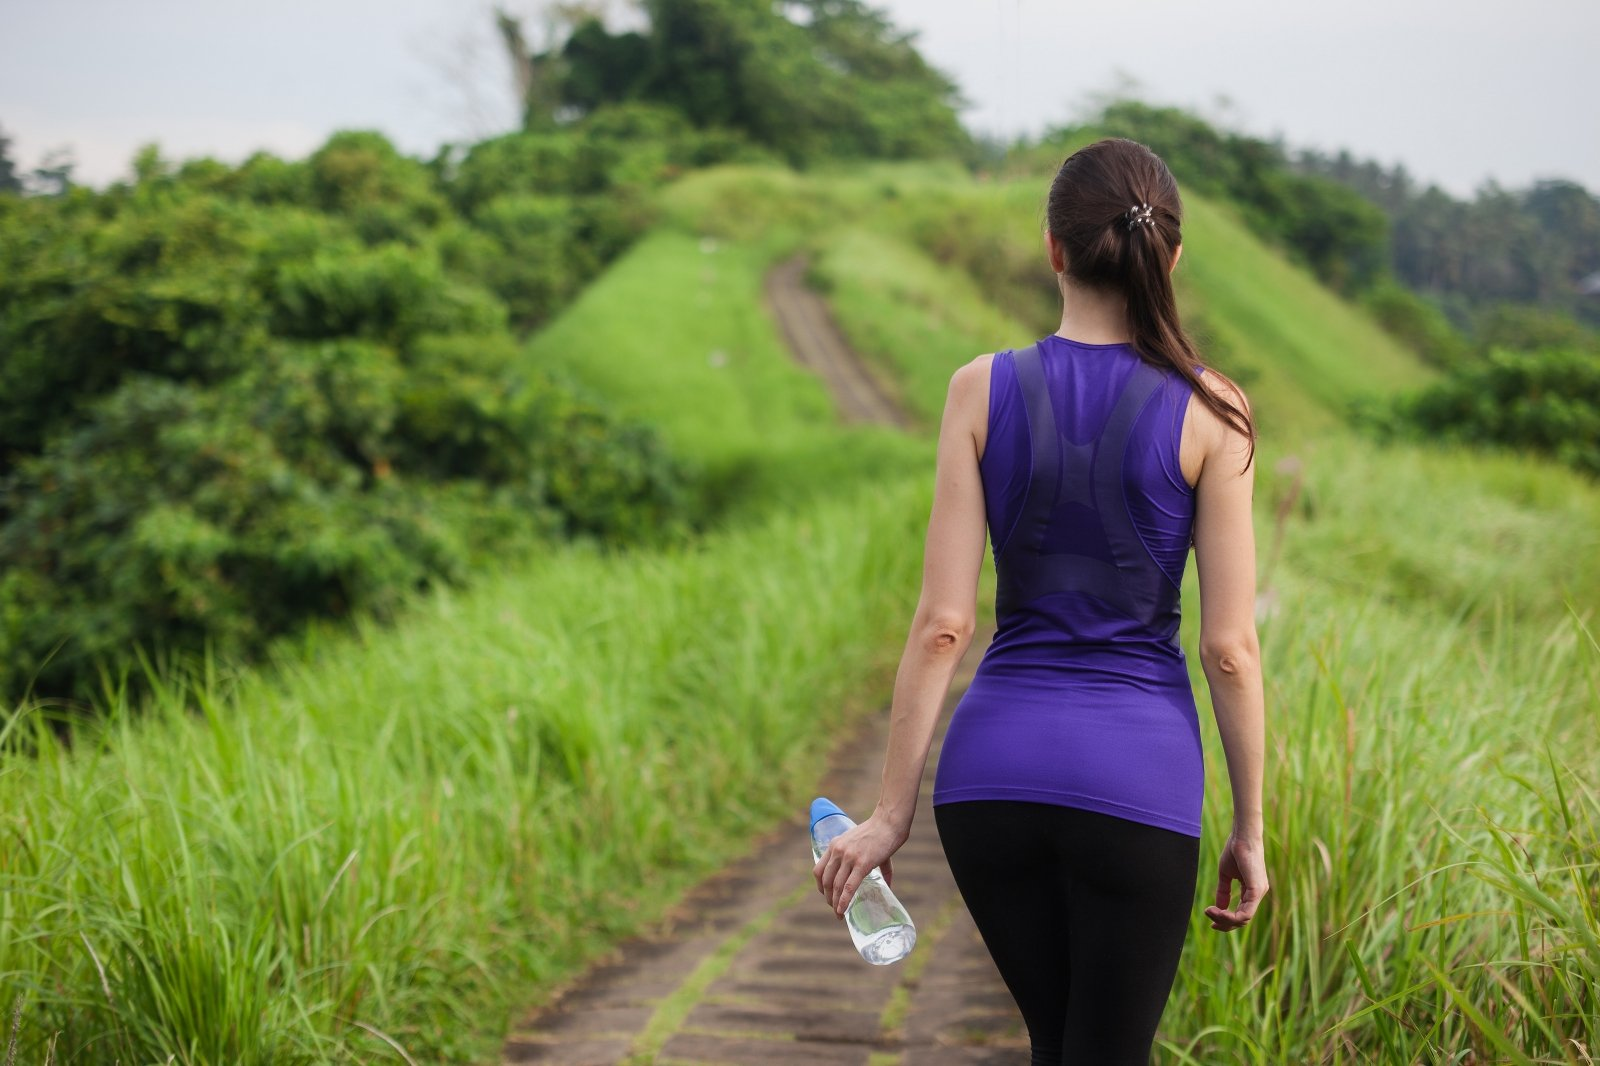 greitas ėjimas prilygsta bėgimui dėl širdies sveikatos